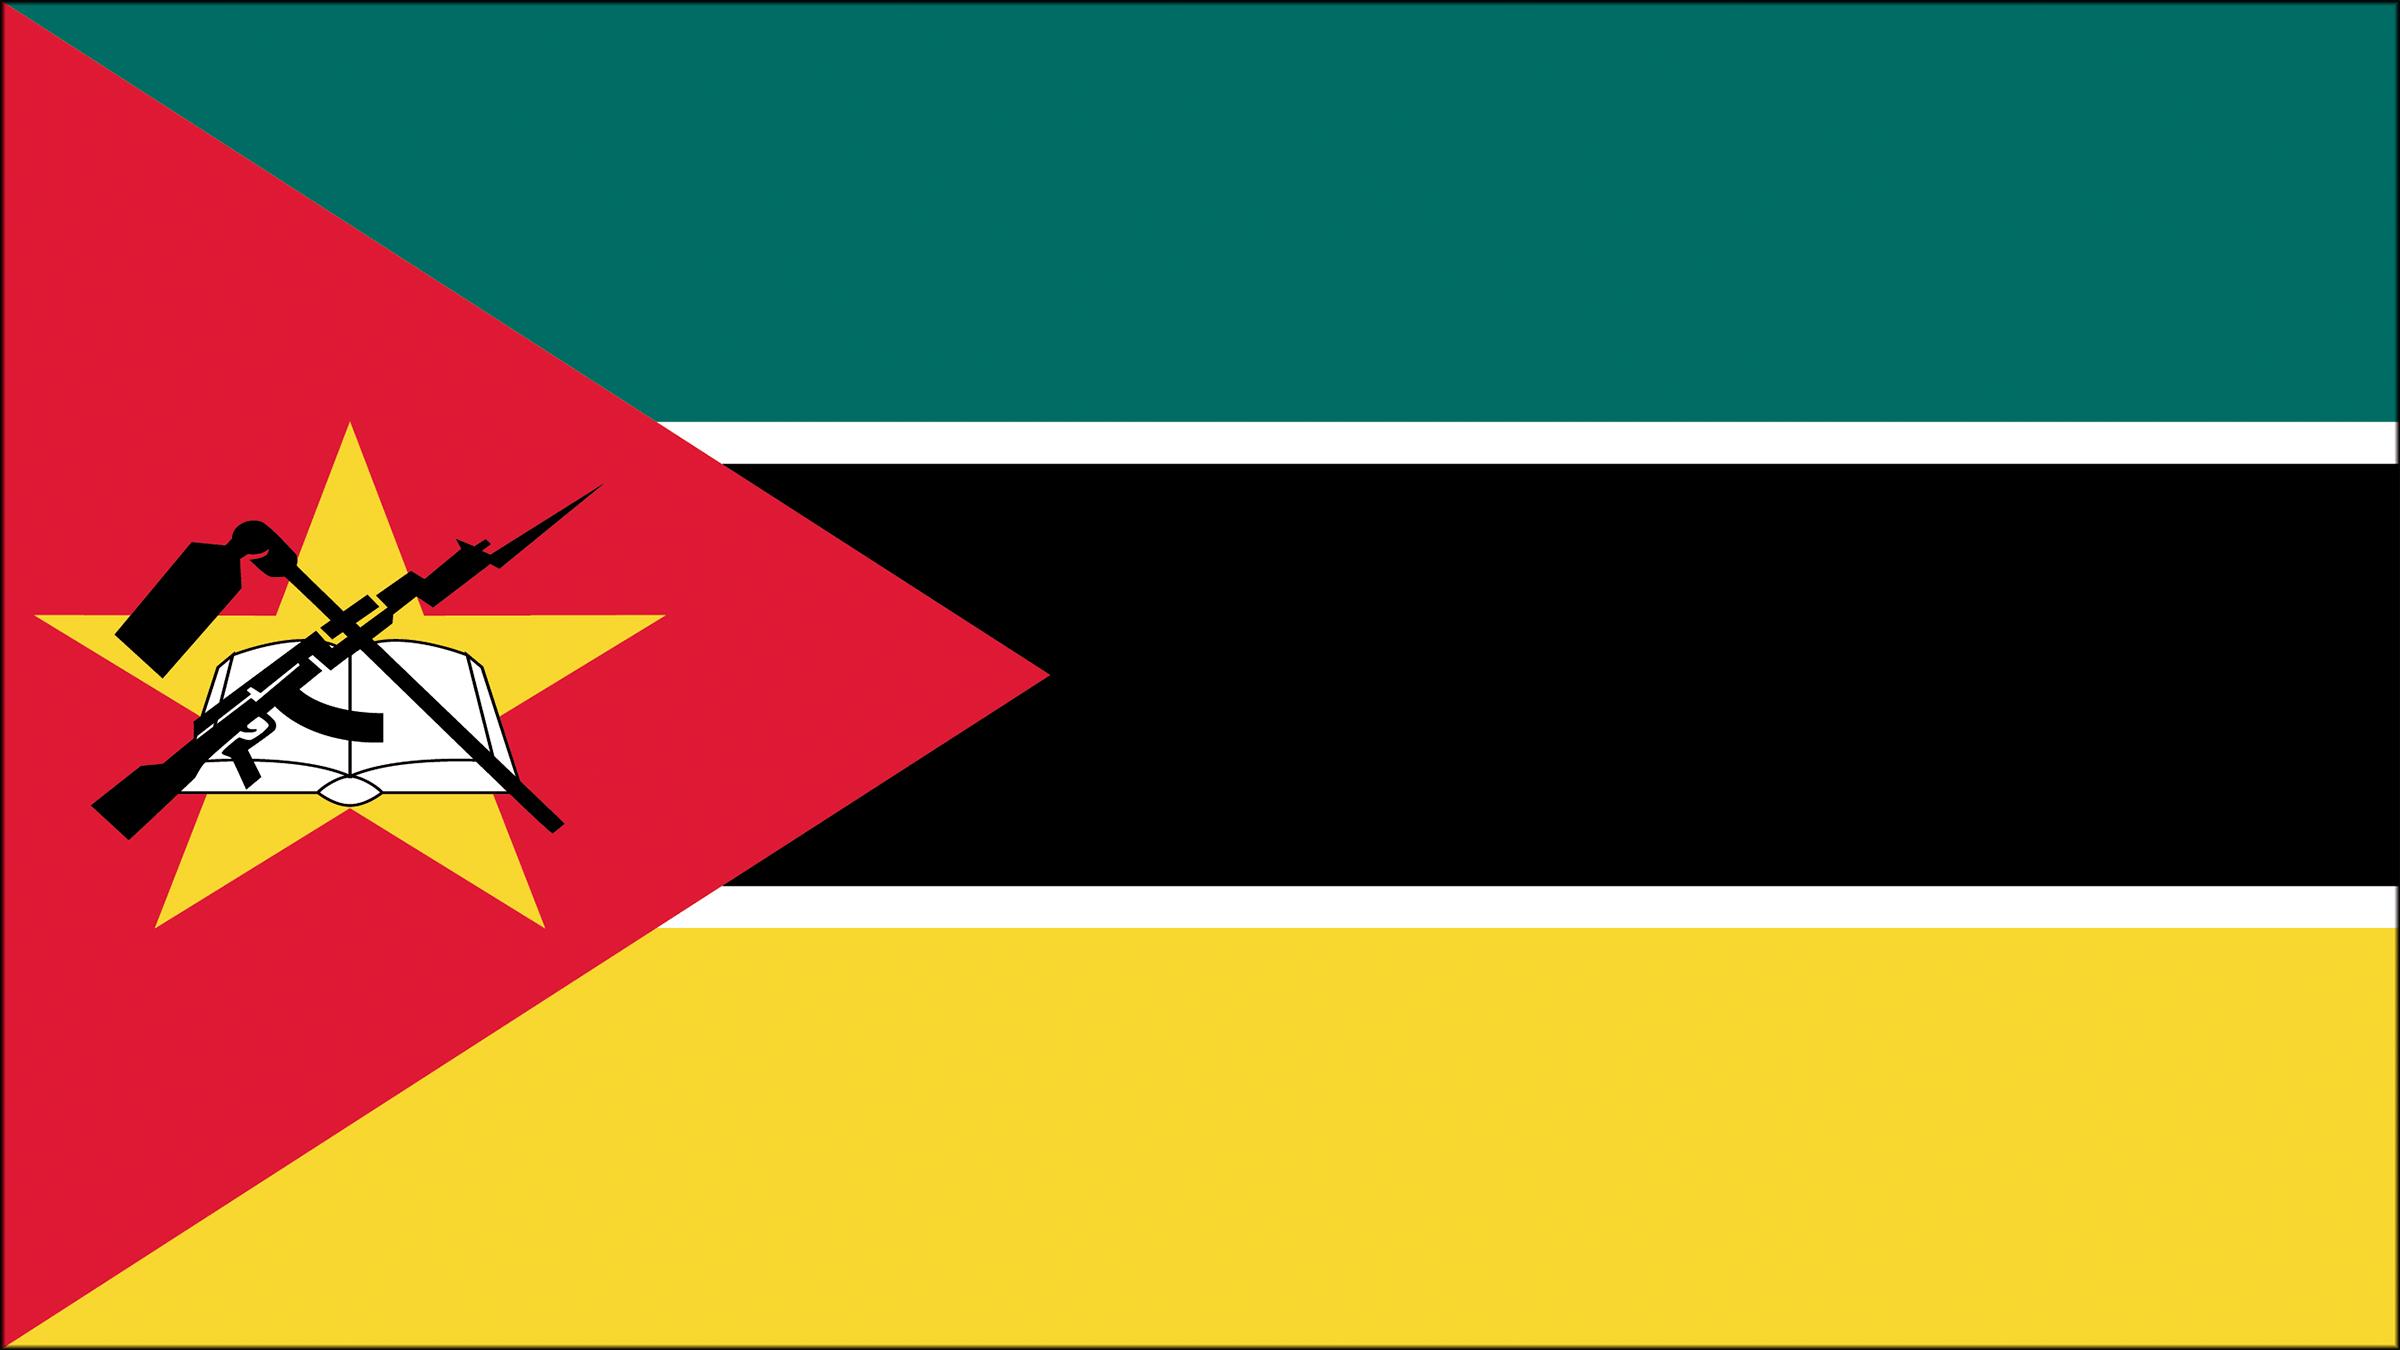 Dorable Colorear Bandera De áfrica Fotos - Ideas Creativas para ...